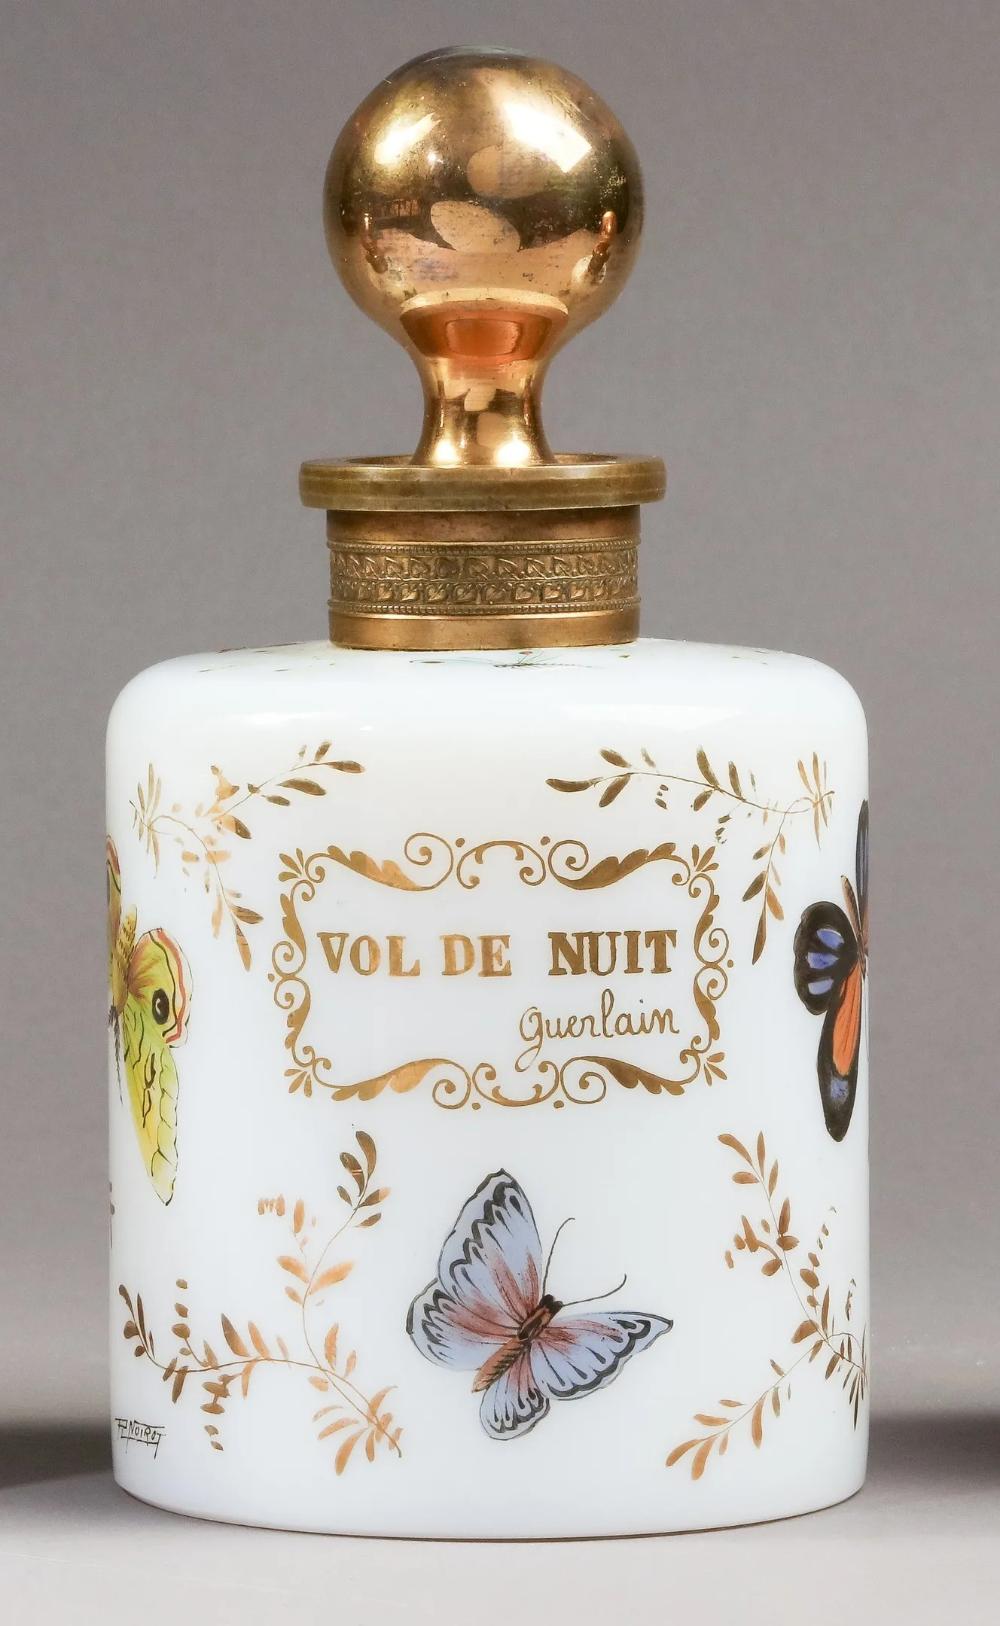 Guerlain perfume bottles designed by R. Noirot for Cristal & Bronze, 1955.